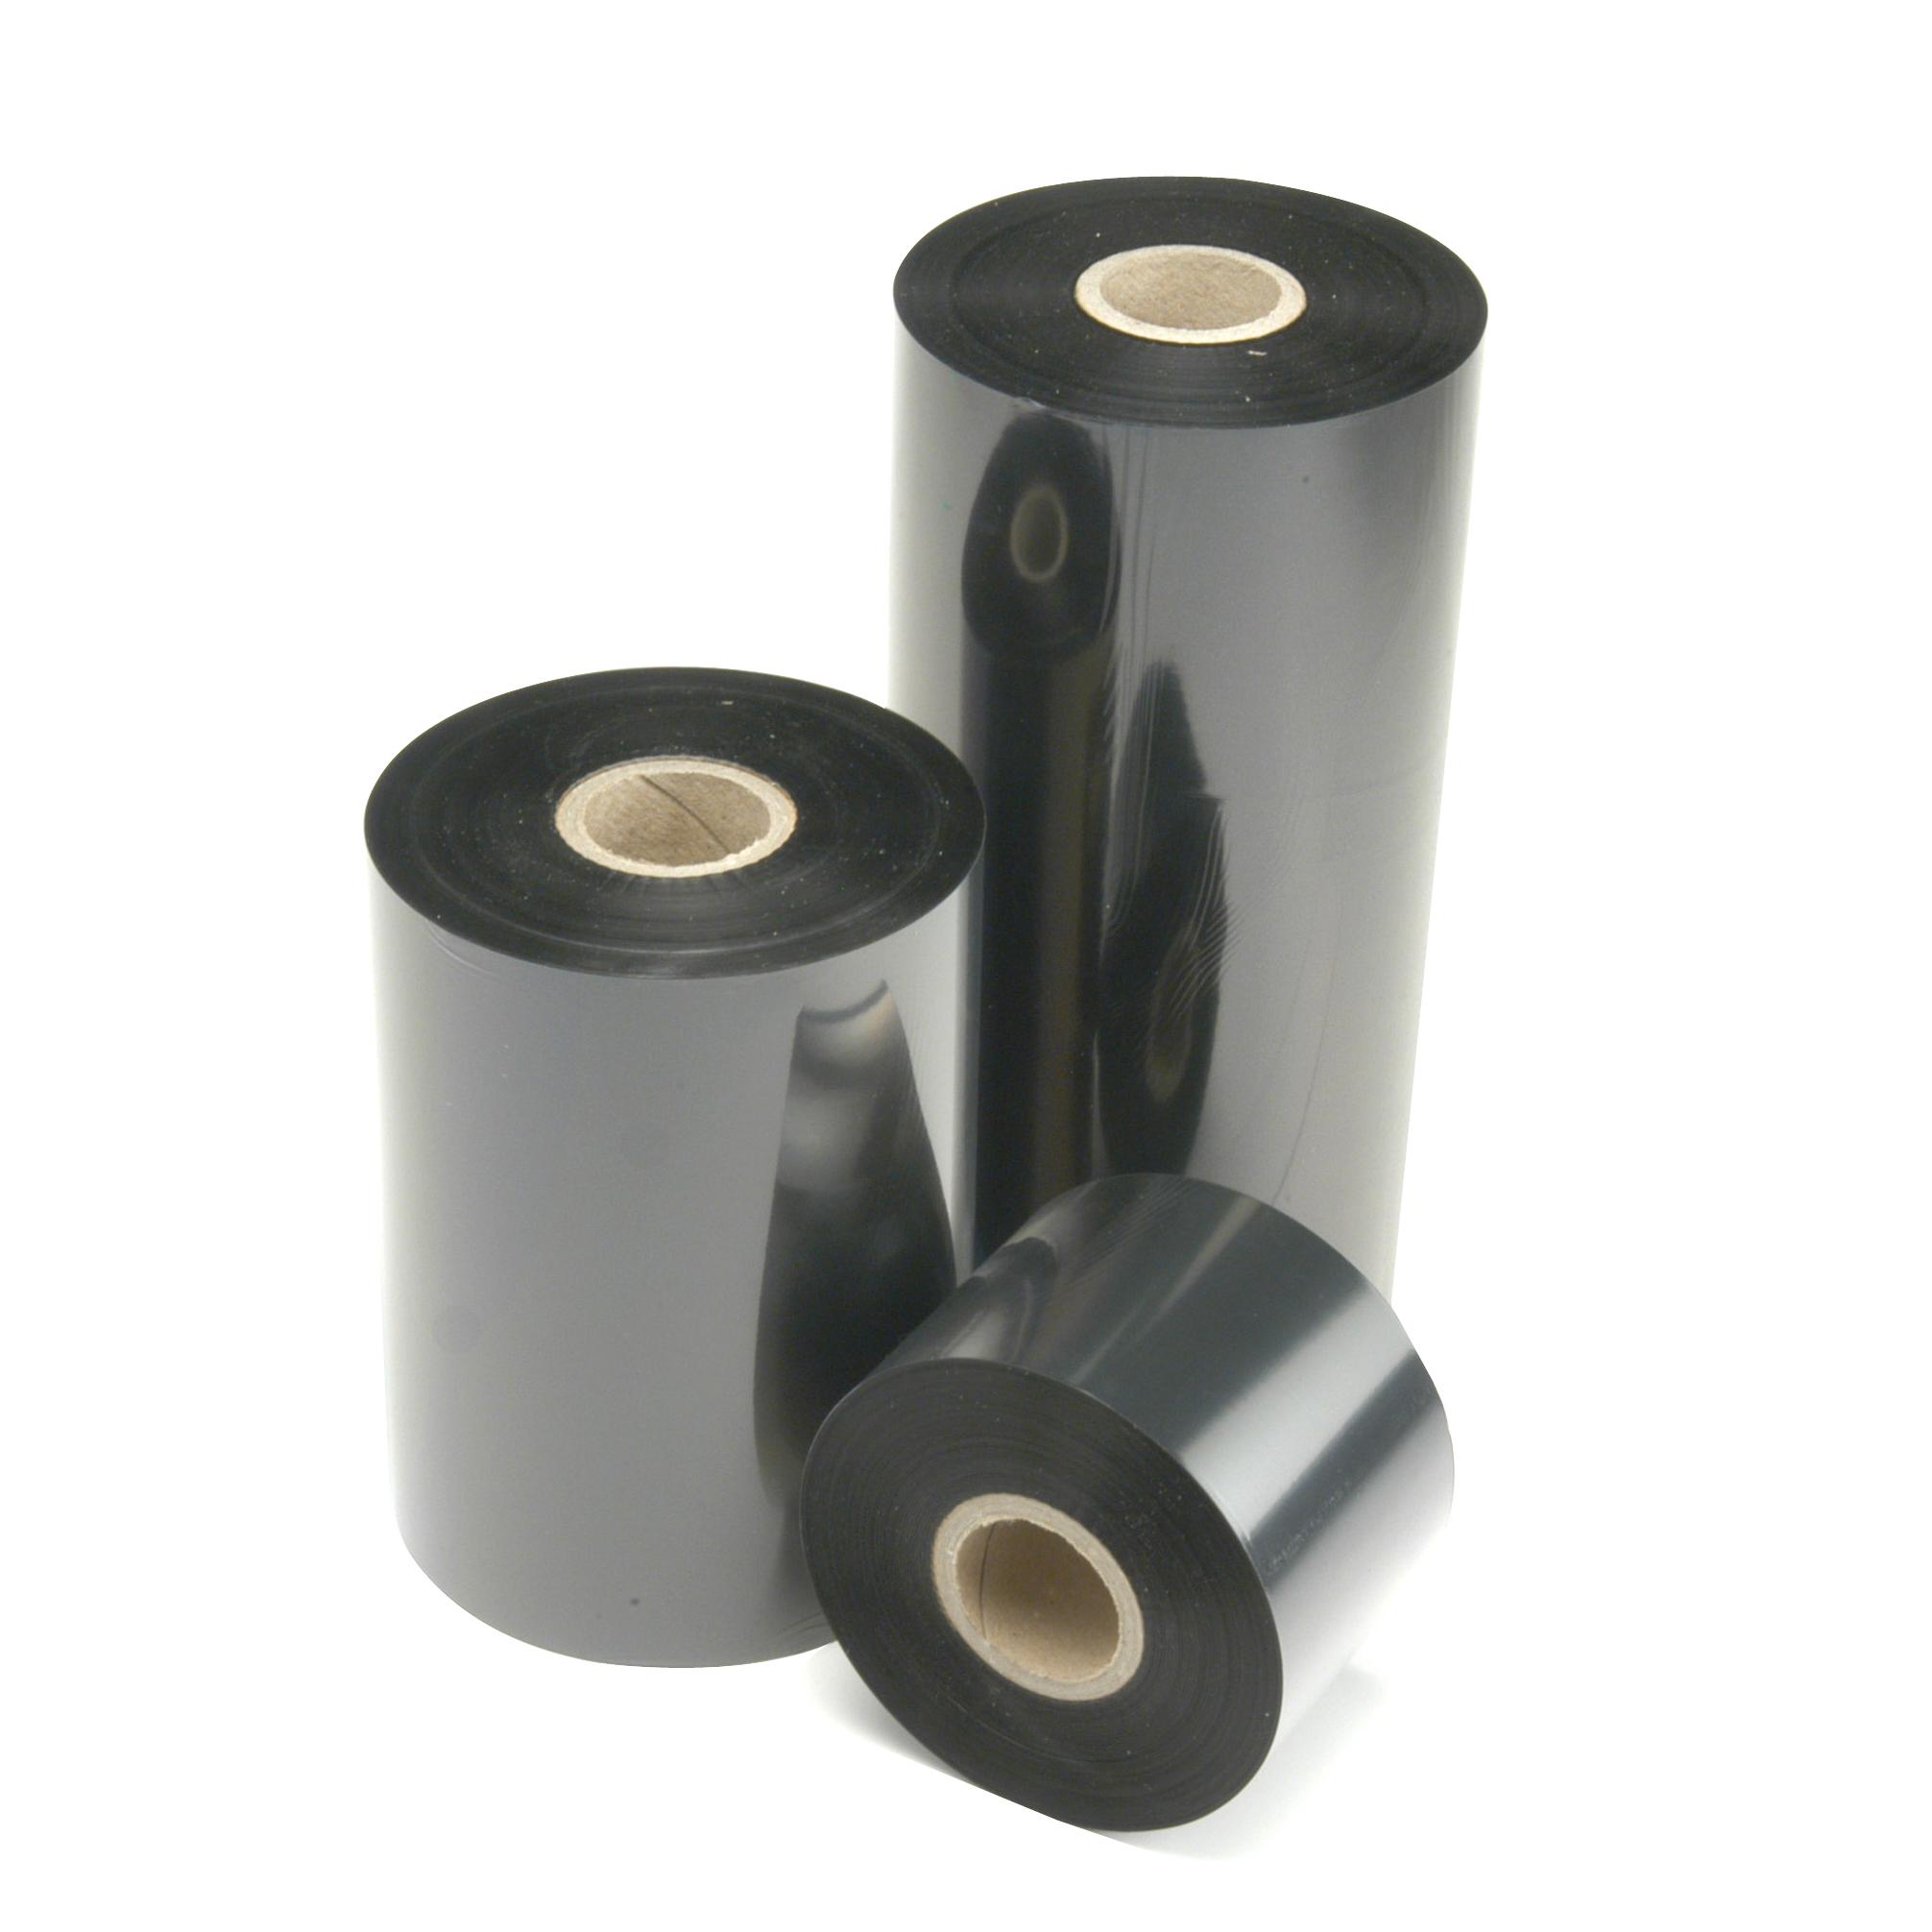 30-mm-x-300-m-standart-wax-ribon